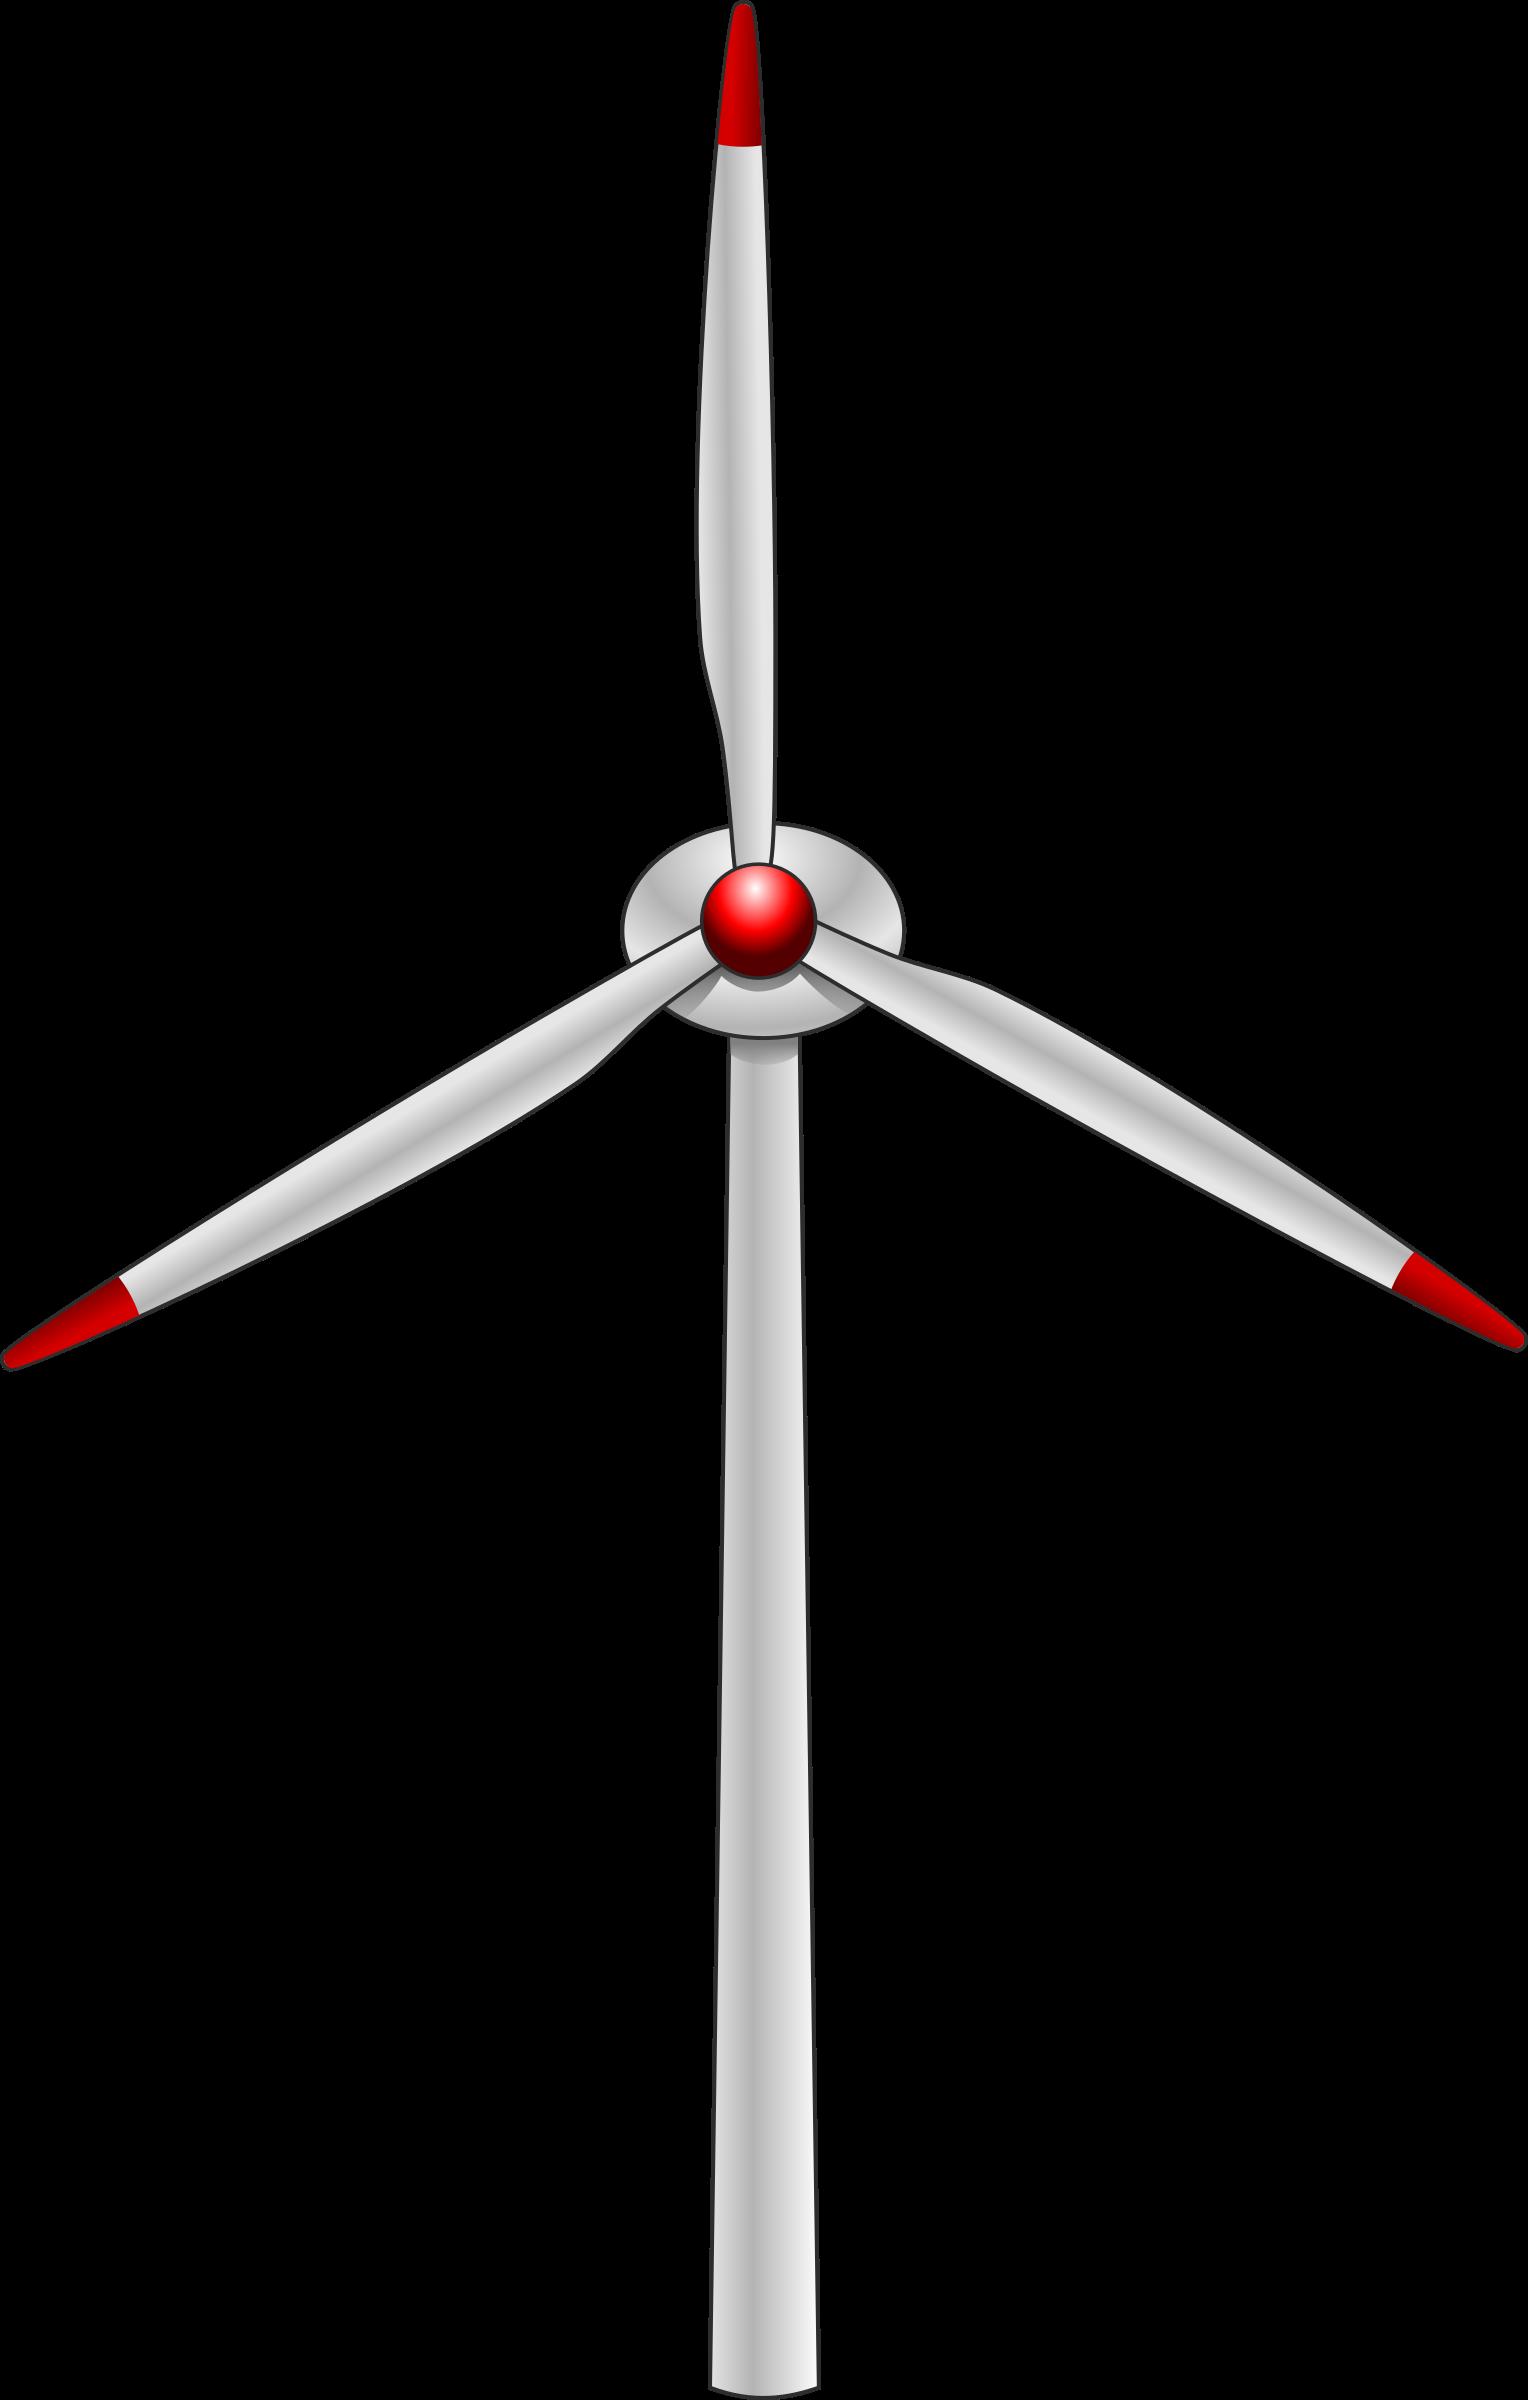 Turbine clipart wind turbine Clipart wind turbine turbine wind